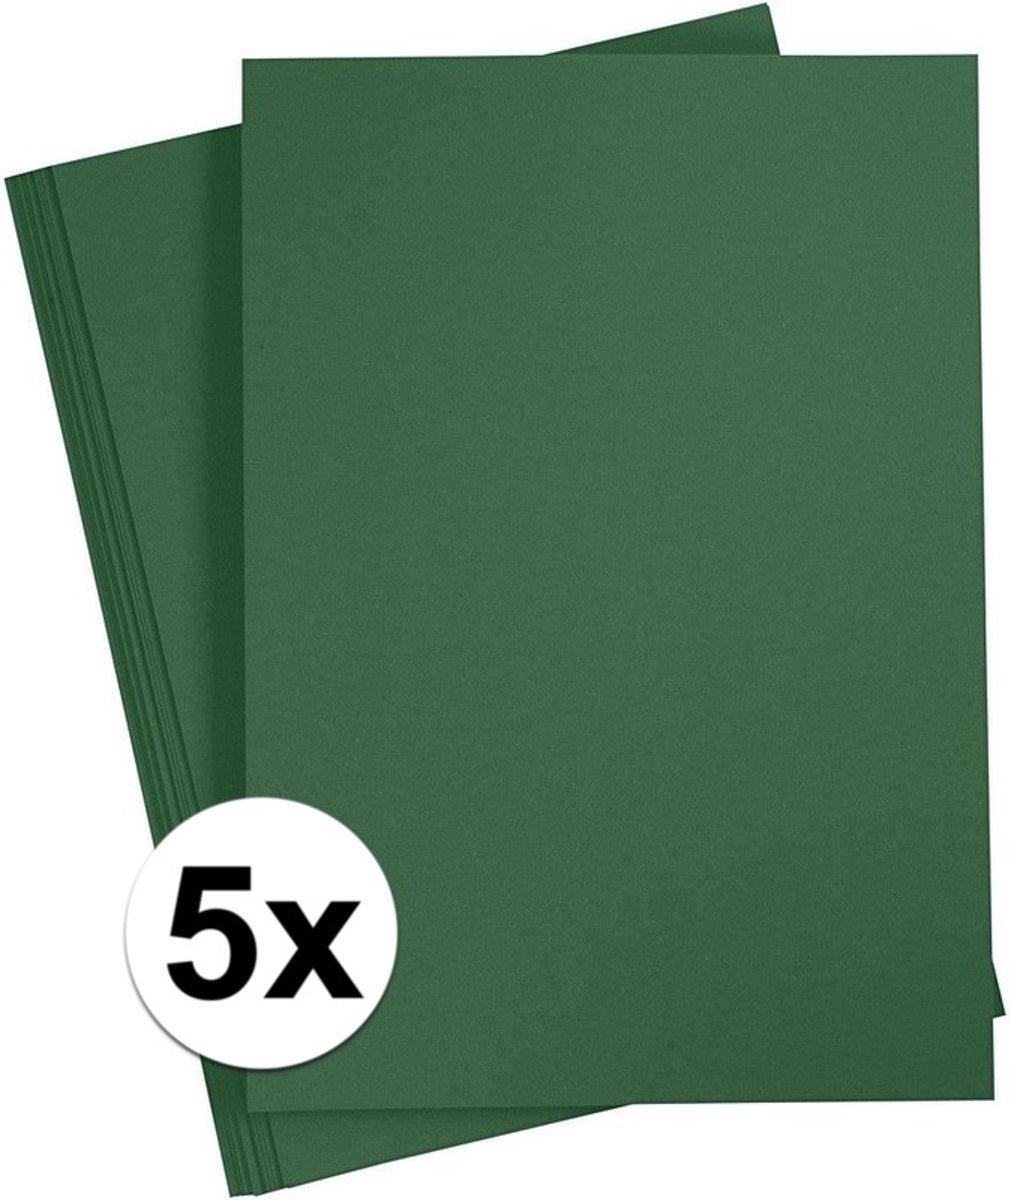 5x Donkergroen A4 vel - hobby karton 180 grams kopen